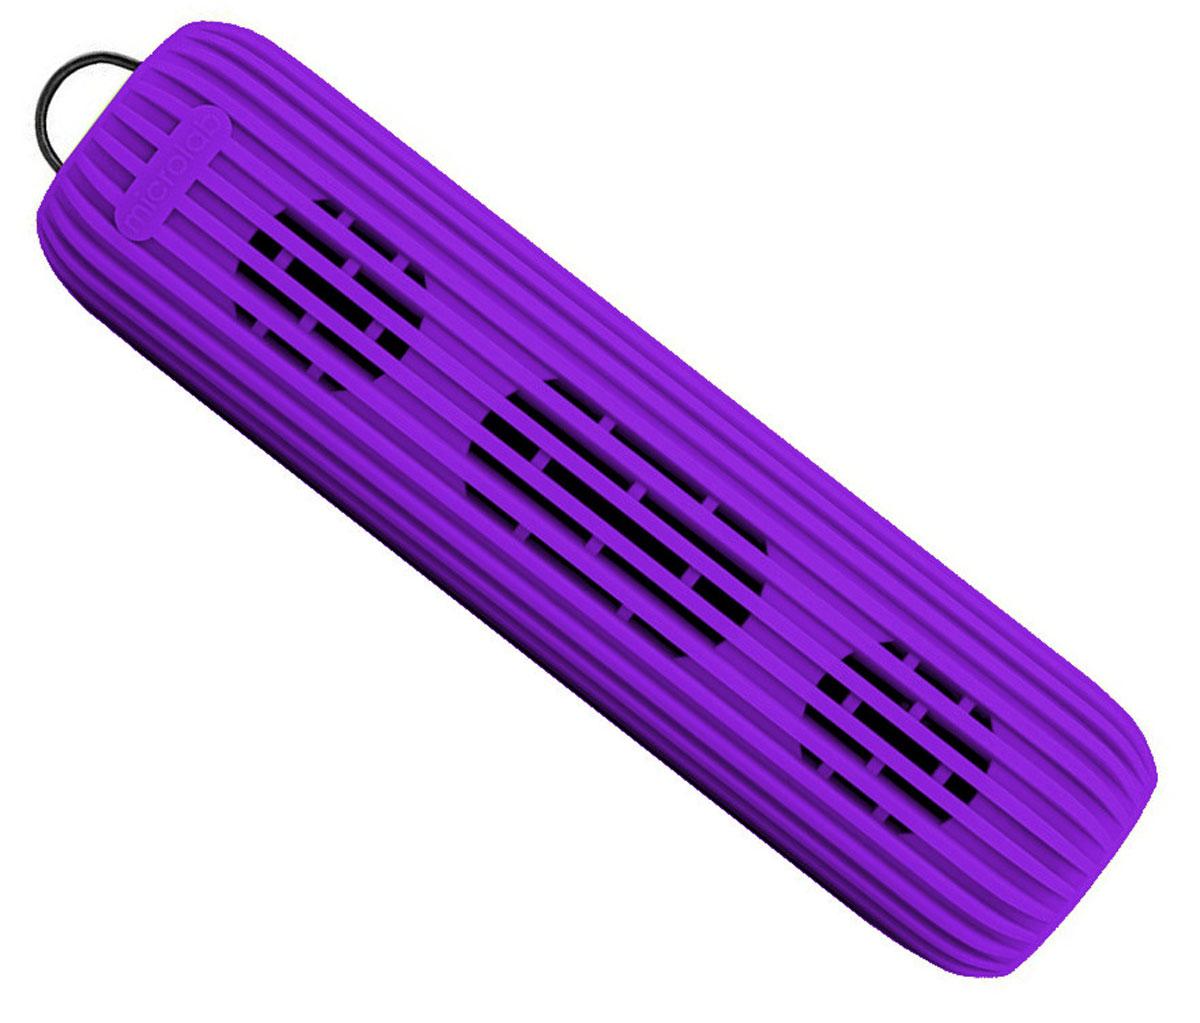 Microlab D21, Purple портативная акустическая система80529Акустическая система необычной формы и дизайна ориентирована на людей, ведущих активный образ жизни. D21 способна стать прекрасным спутником как на небольшом пикнике на природе, так и в долгом походе. Благодаря силиконовому покрытию корпуса, сателлит прощает слушателю небольшие ударные воздействия, а также прекрасно переносит как росу, так и небольшой дождик, что наряду с пылью, может стать фатальным для других портативных акустических систем.Небольшие размеры обеспечивают портативность системы, она не занимает много места и поместится в любом рюкзаке или сумке, а идущий в комплекте шнурок способен закрепить сателлит в походном варианте, позволяя избежать потери колонки.В Bluetooth-режиме при входящем звонке на телефон, можно ответить на звонок через сателлит. Благодаря встроенному в колонку микрофону, телефон искать не обязательно.Колонка способна воспроизводить музыку без источника звука. Чтобы послушать музыку, вам не обязательно разряжать собственный телефон, достаточно вставить Micro SD-card в колонку и наслаждаться любимыми мелодиями.Многообразие цветов. Microlab D21 представлена в 5 цветах, можно выбрать ту расцветку, которая подходит именно вам.Литиевая батарея: 3,7 В; 1200 мАч